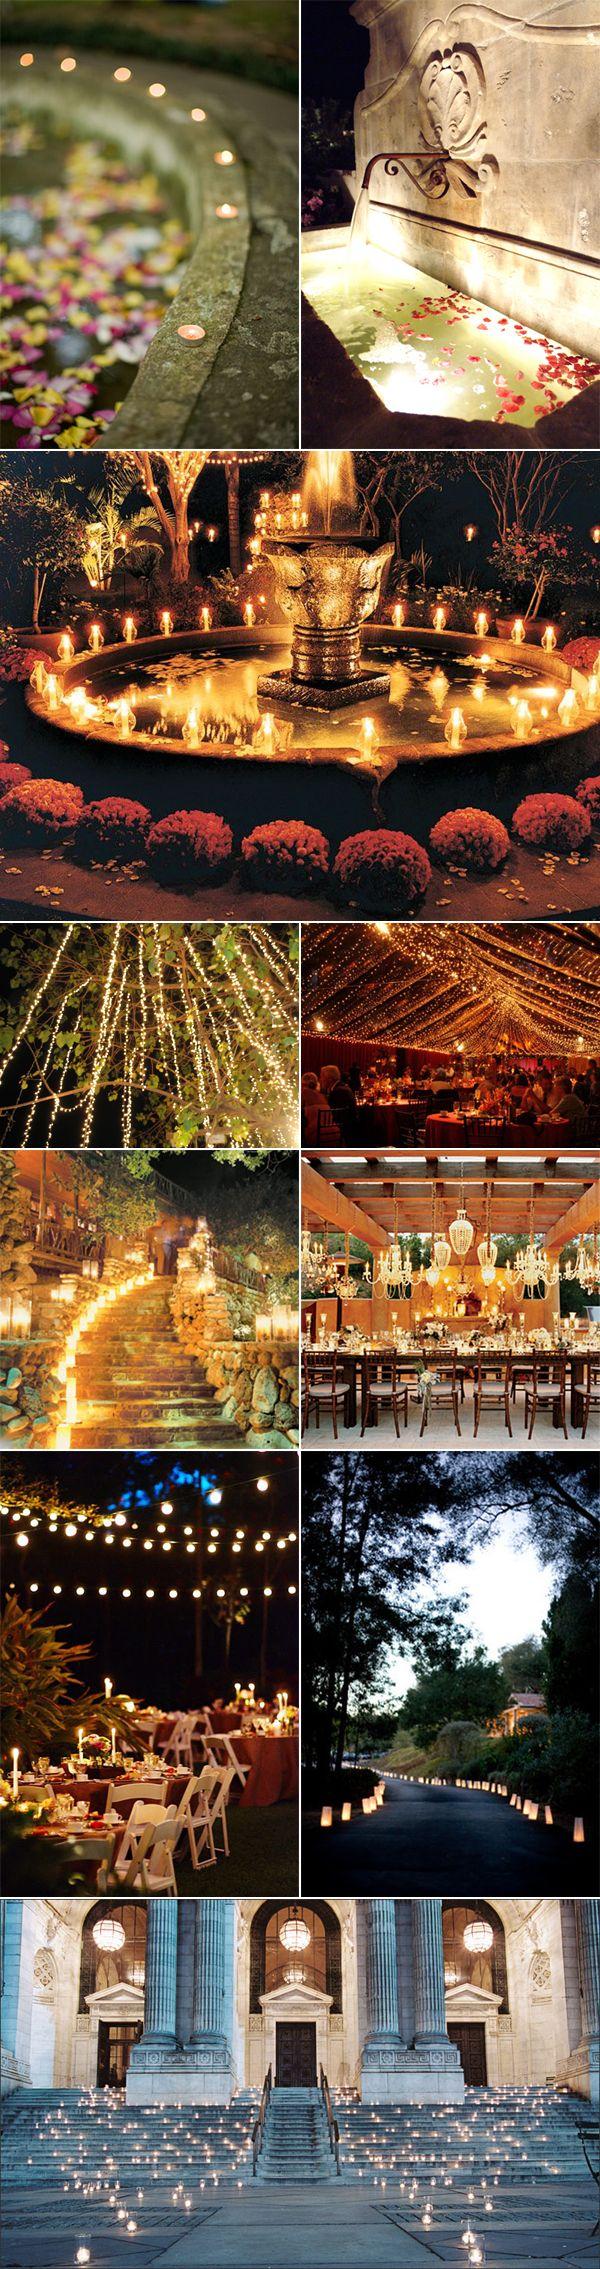 Outdoor Wedding Lighting   Lighting For Your Outdoor Wedding Reception Venue   Pixel & Ink